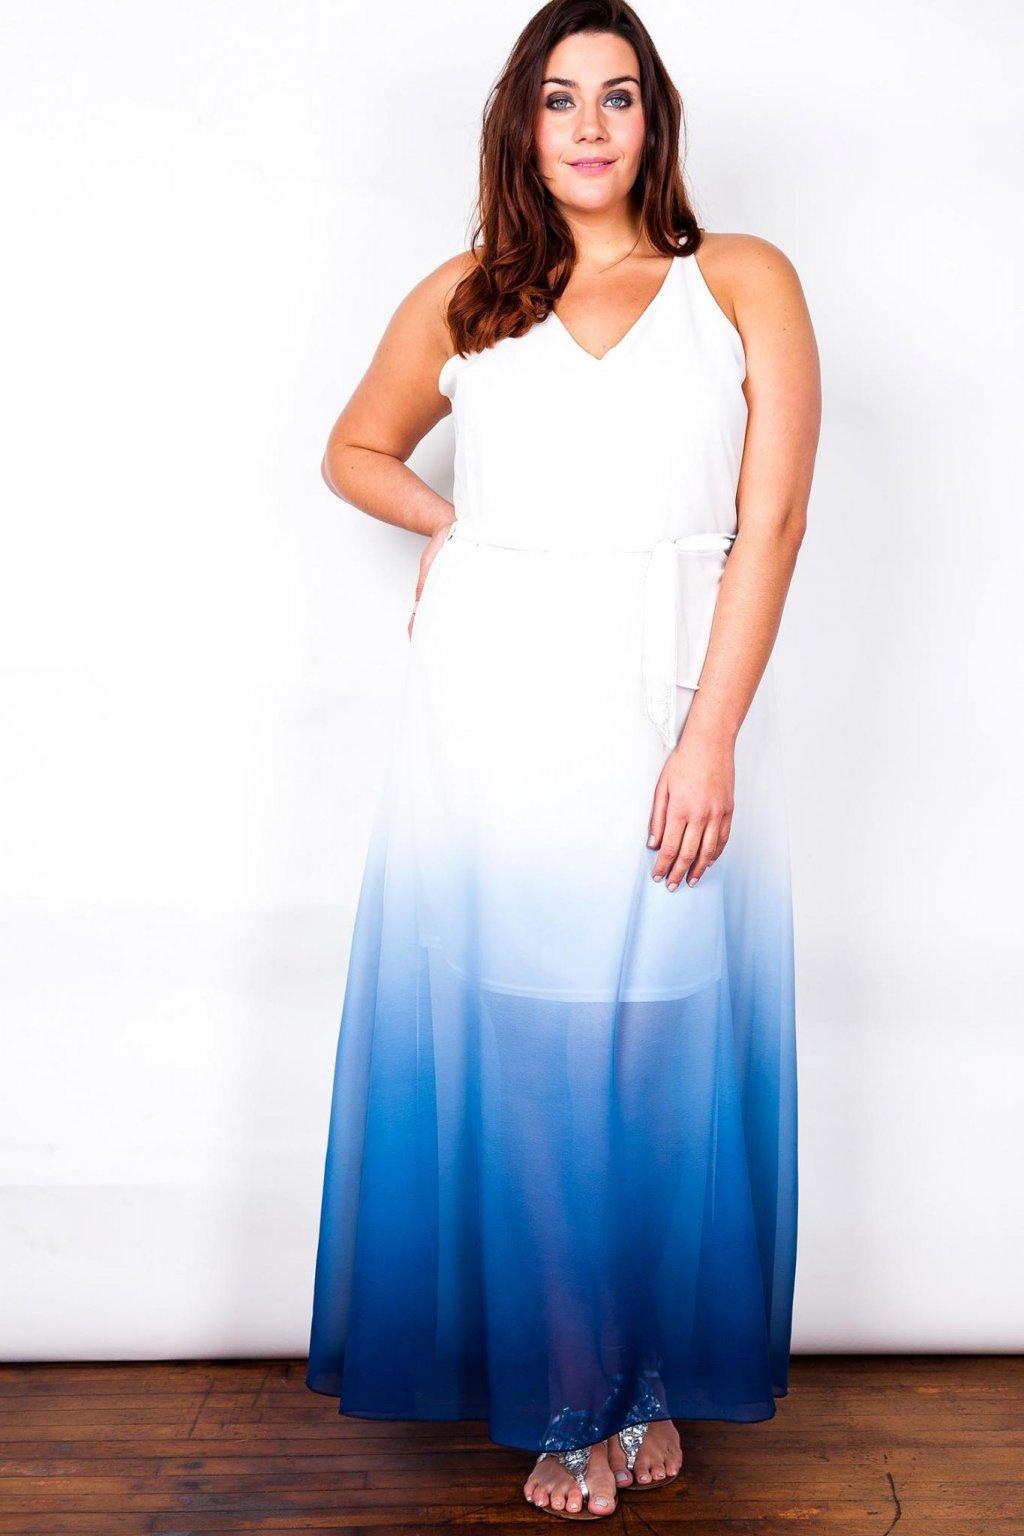 ... Dlouhé šaty Taboo s průsvitnou modrou sukní 3.jpg ... b7504334af